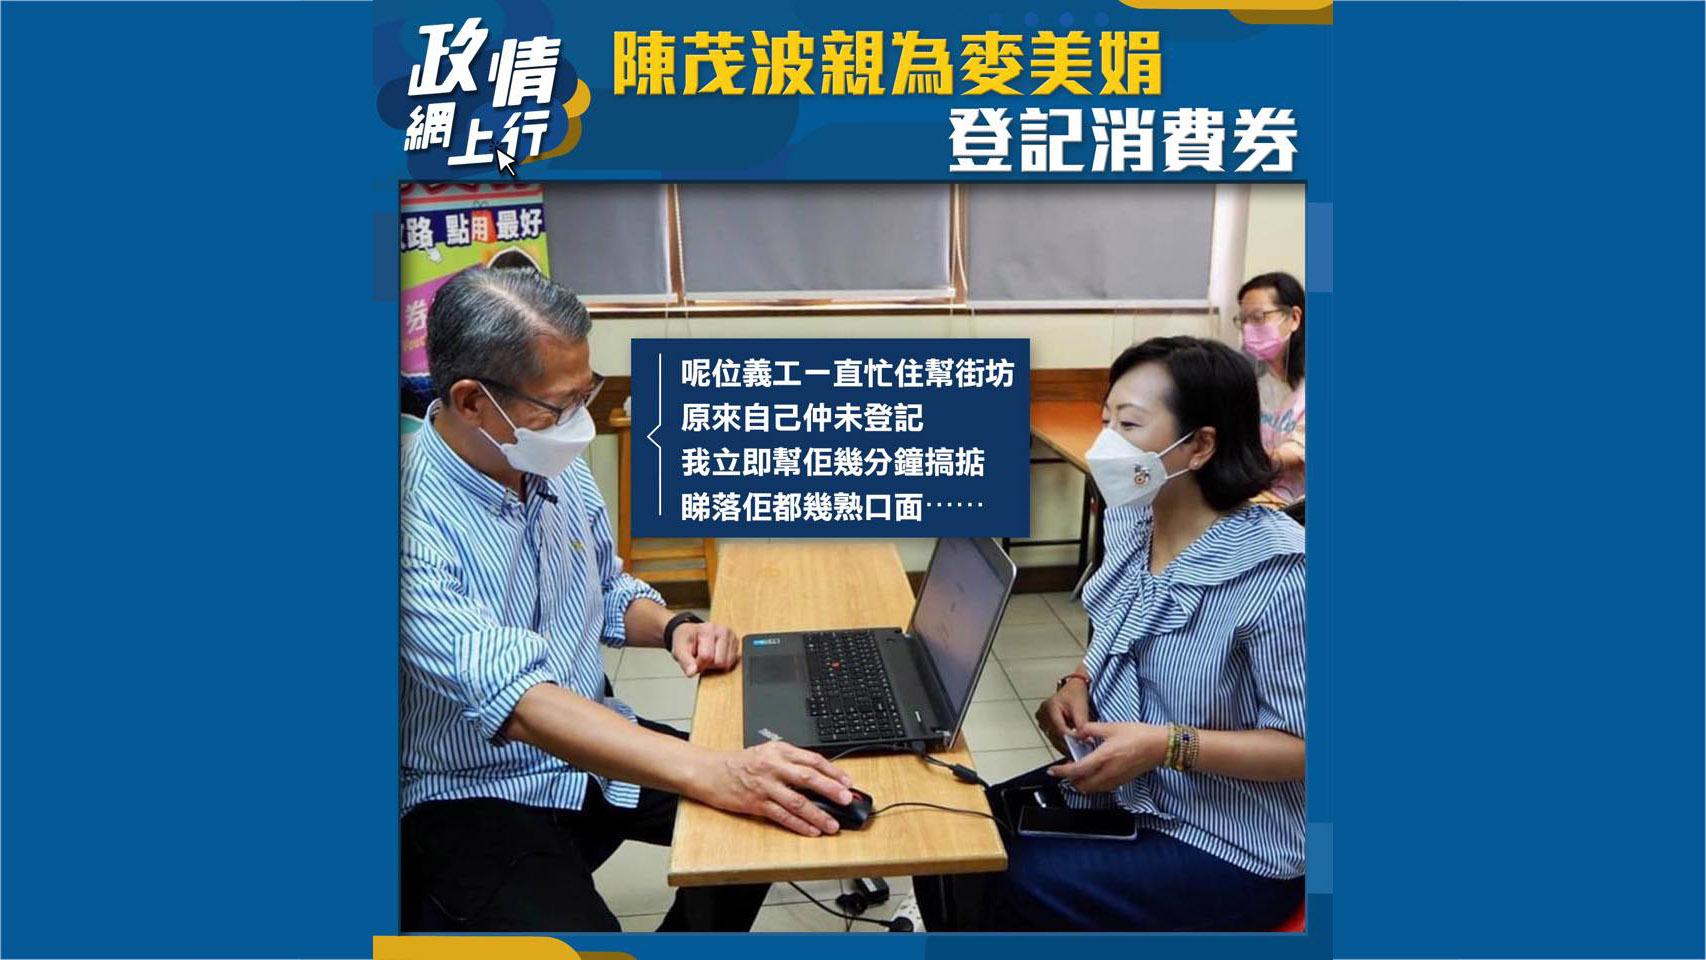 【政情網上行】陳茂波親為麥美娟登記消費券